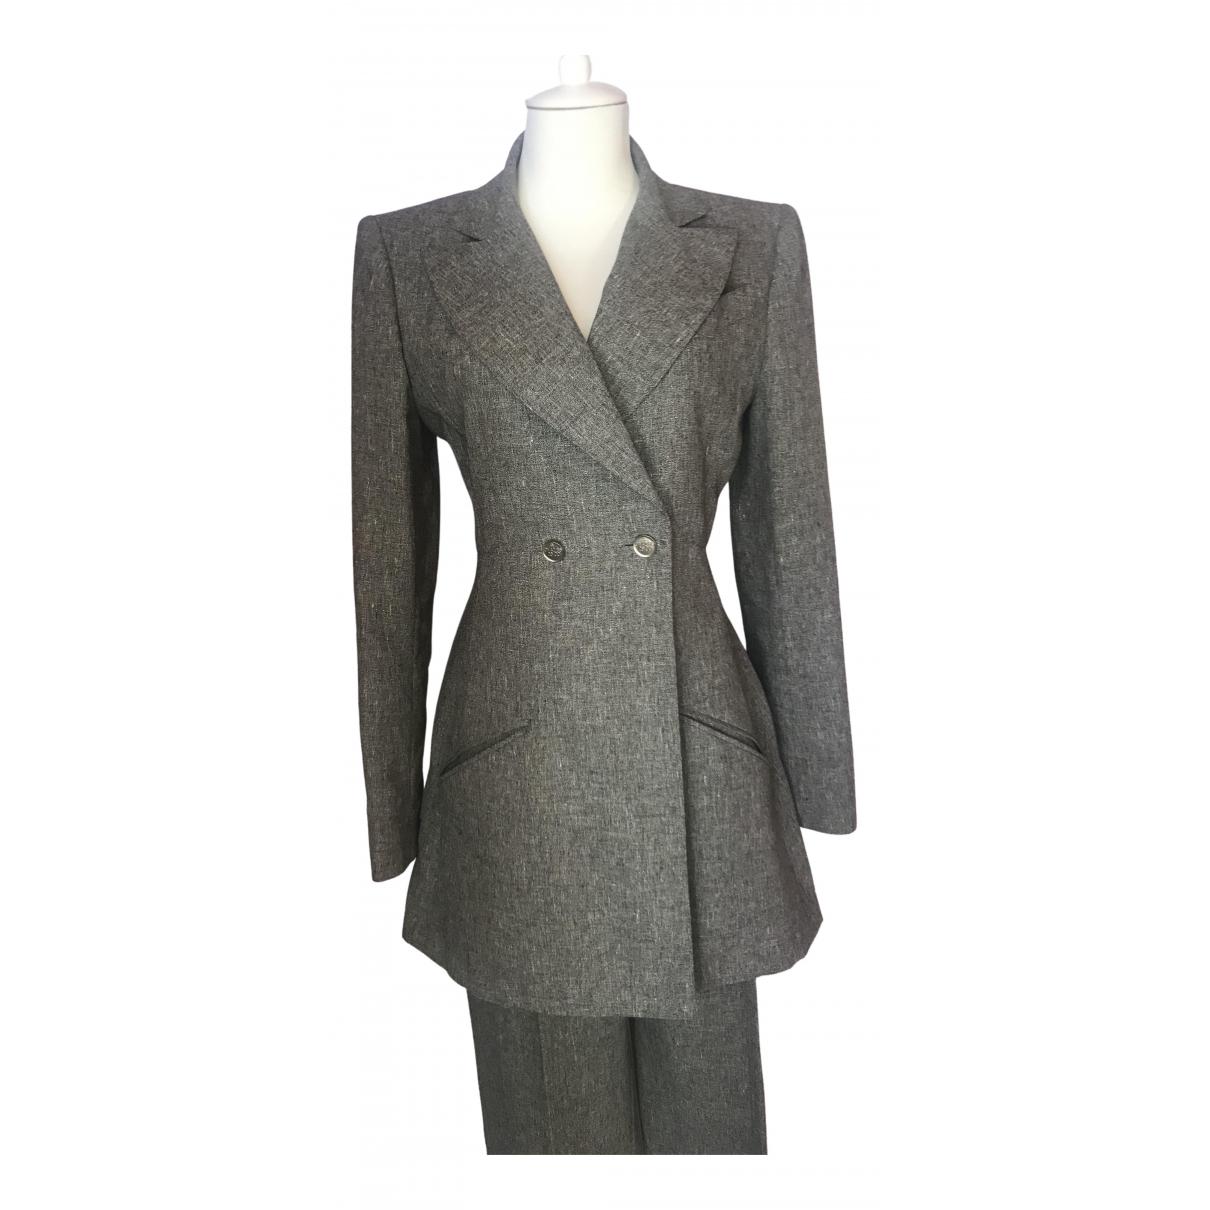 Chanel \N Grey Linen jacket for Women 38 FR